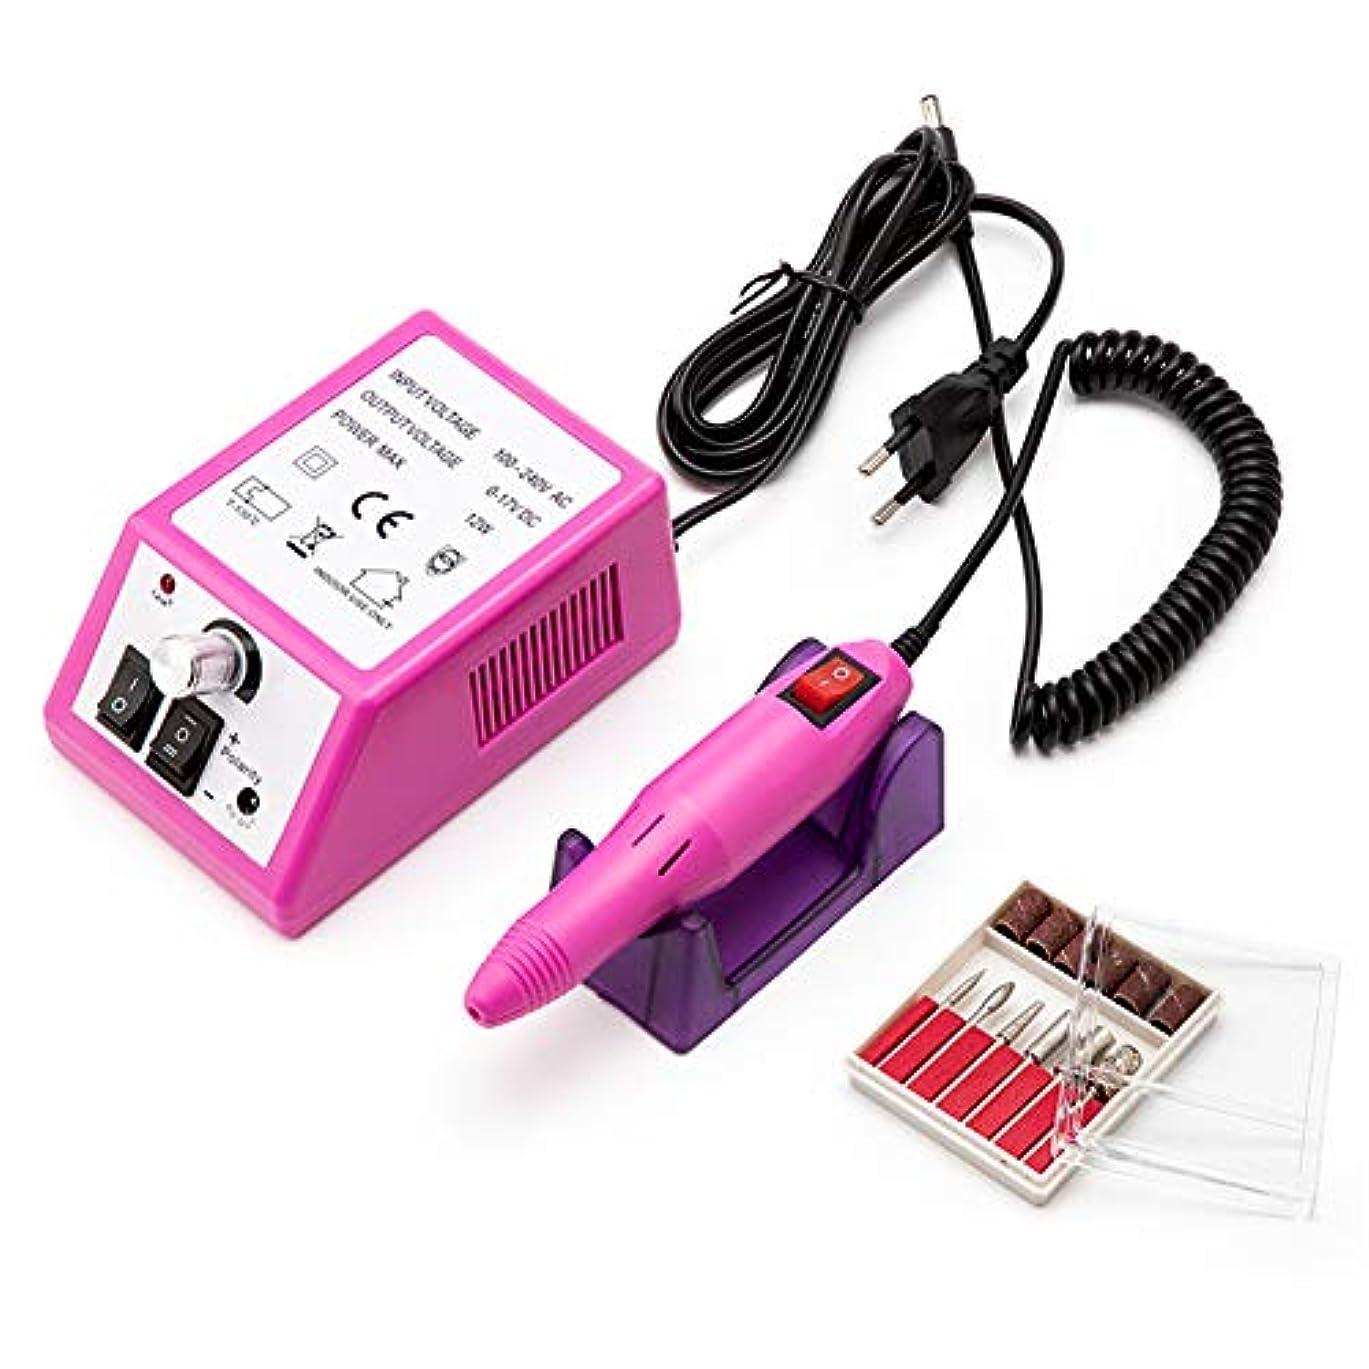 インク良性慣らす電動ネイルドリル35000 RPMマニキュアセットファイルグレーネイルペンマシンセットダイヤモンドペディキュアネイルファイルドリル100-240Vマニキュア用器具器具,ピンク